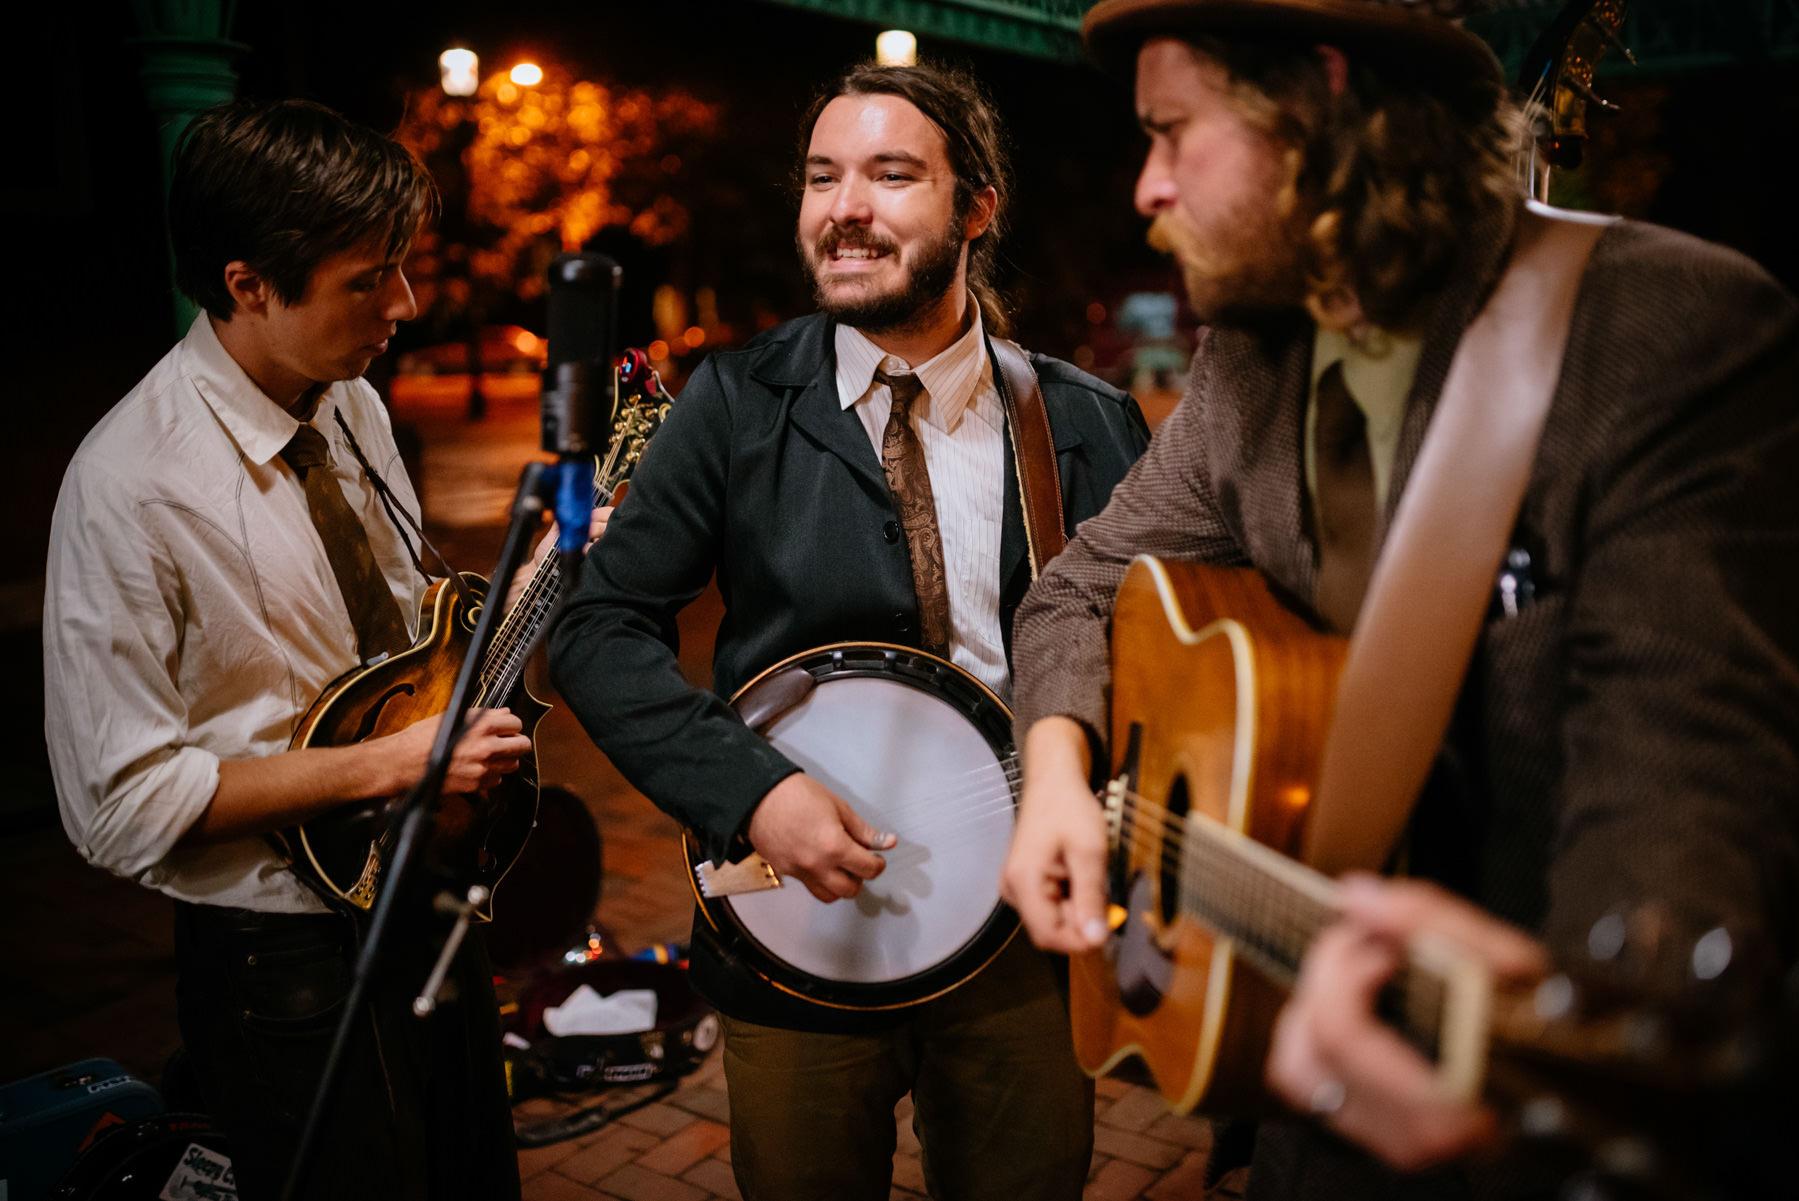 white guy playing the banjo